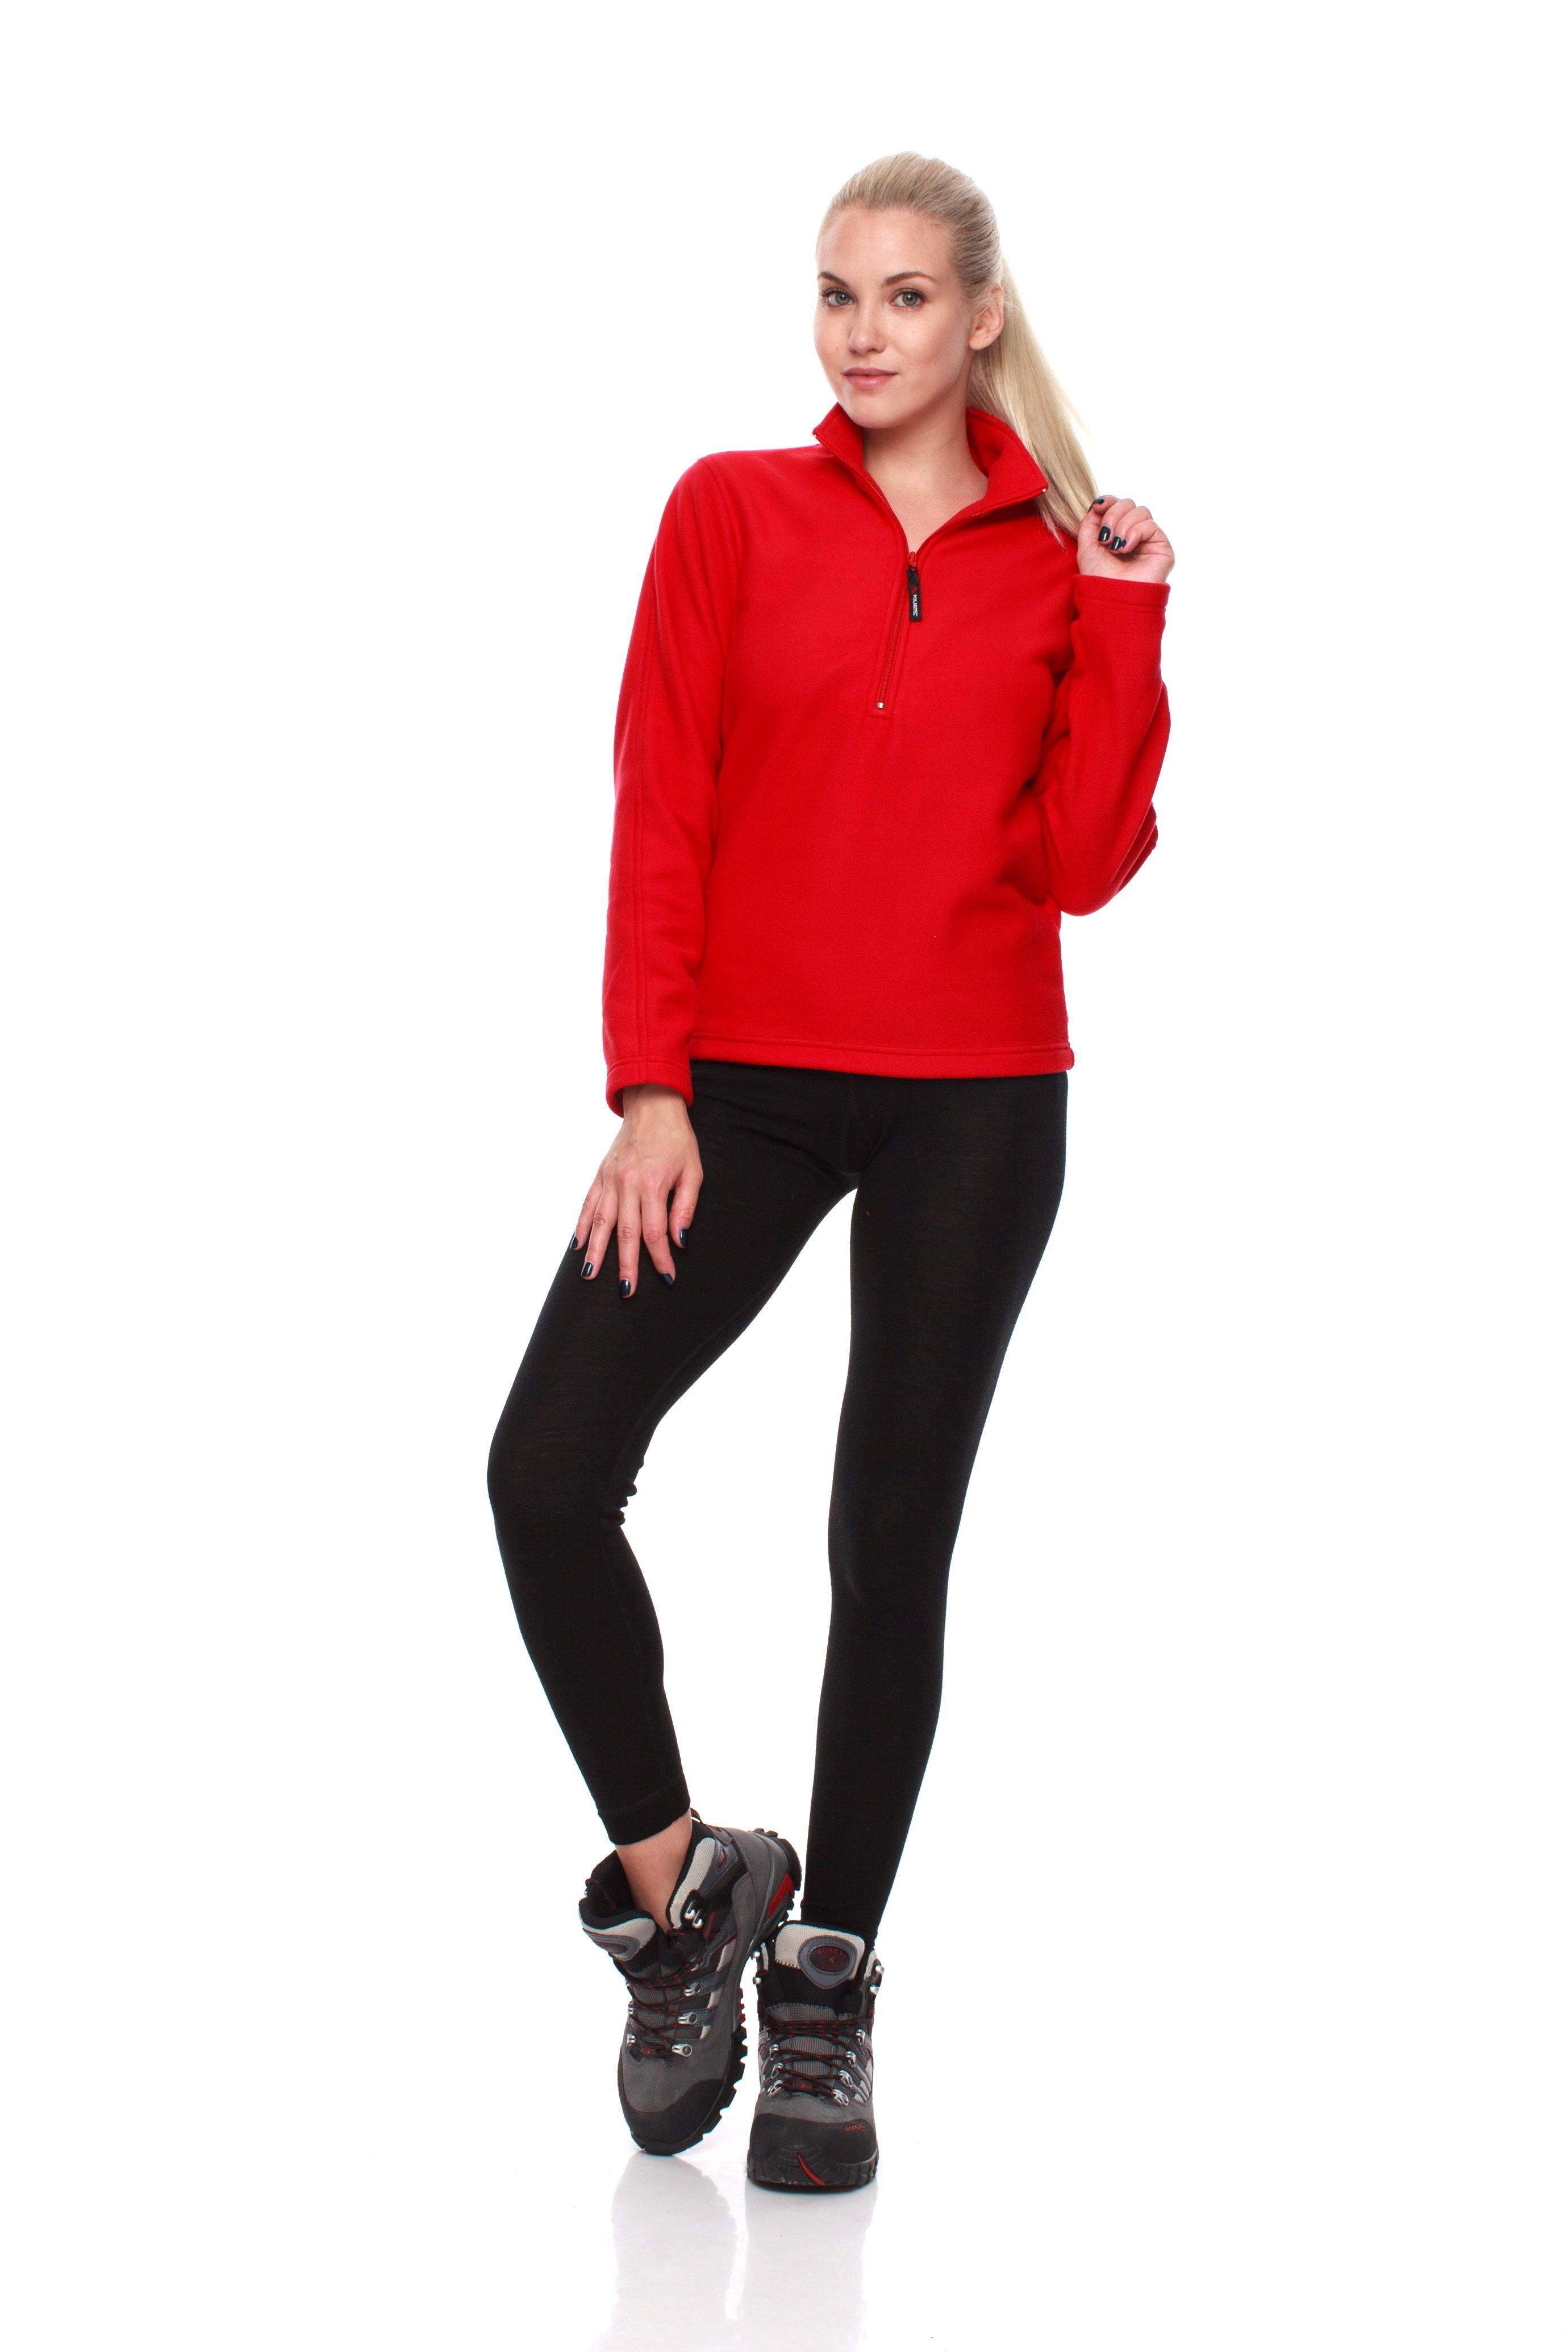 Куртка BASK SCORPIO LJ V2 z1217bЖенский пуловер из тонкой, мягкой и приятной для кожи ткани Polartec®  100. Может использоваться  как нижний слой в одежде.<br><br>Ветрозащитная планка: Нет<br>Материал: Polartec® 100<br>Пол: Жен.<br>Регулировка вентиляции: Нет<br>Регулировка низа: Нет<br>Регулируемые вентиляционные отверстия: Нет<br>Усиление контактных зон: Нет<br>Размер INT: S<br>Цвет: СЕРЫЙ